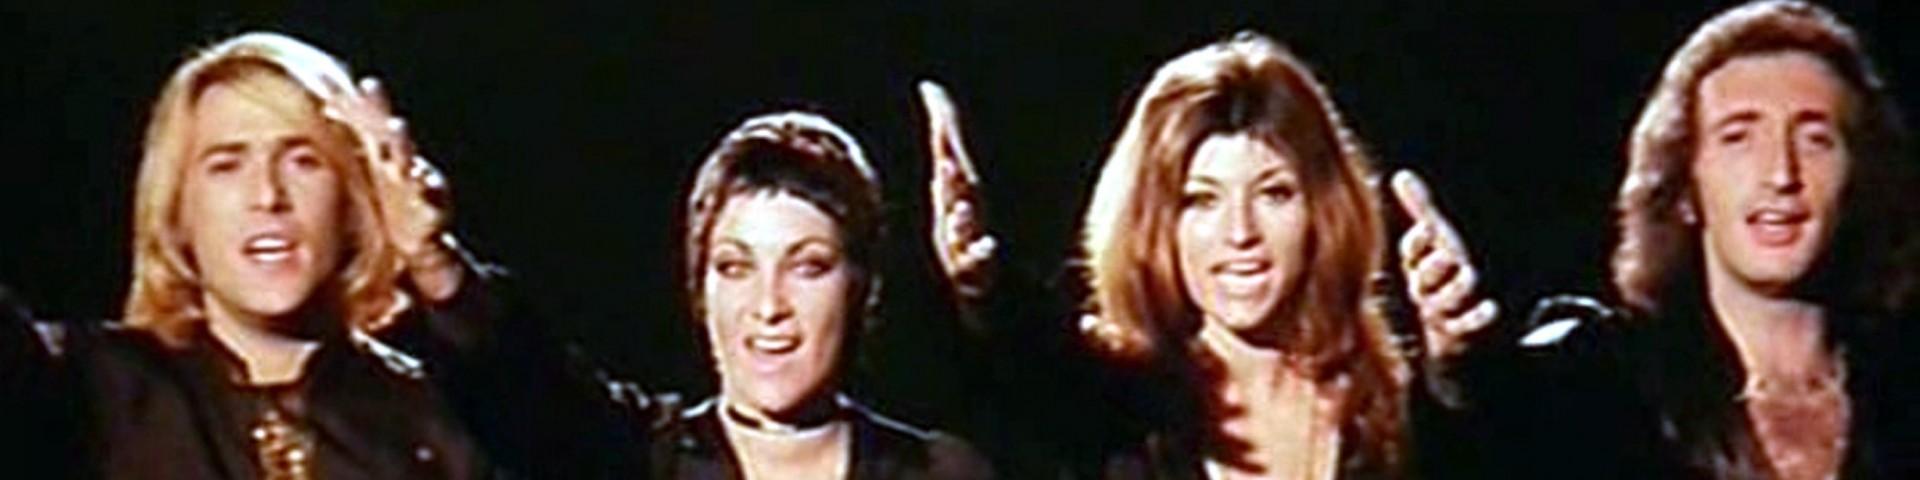 Perché i Ricchi e Poveri hanno litigato? Dall'addio di Marina Occhiena alla reunion a Sanremo 2020